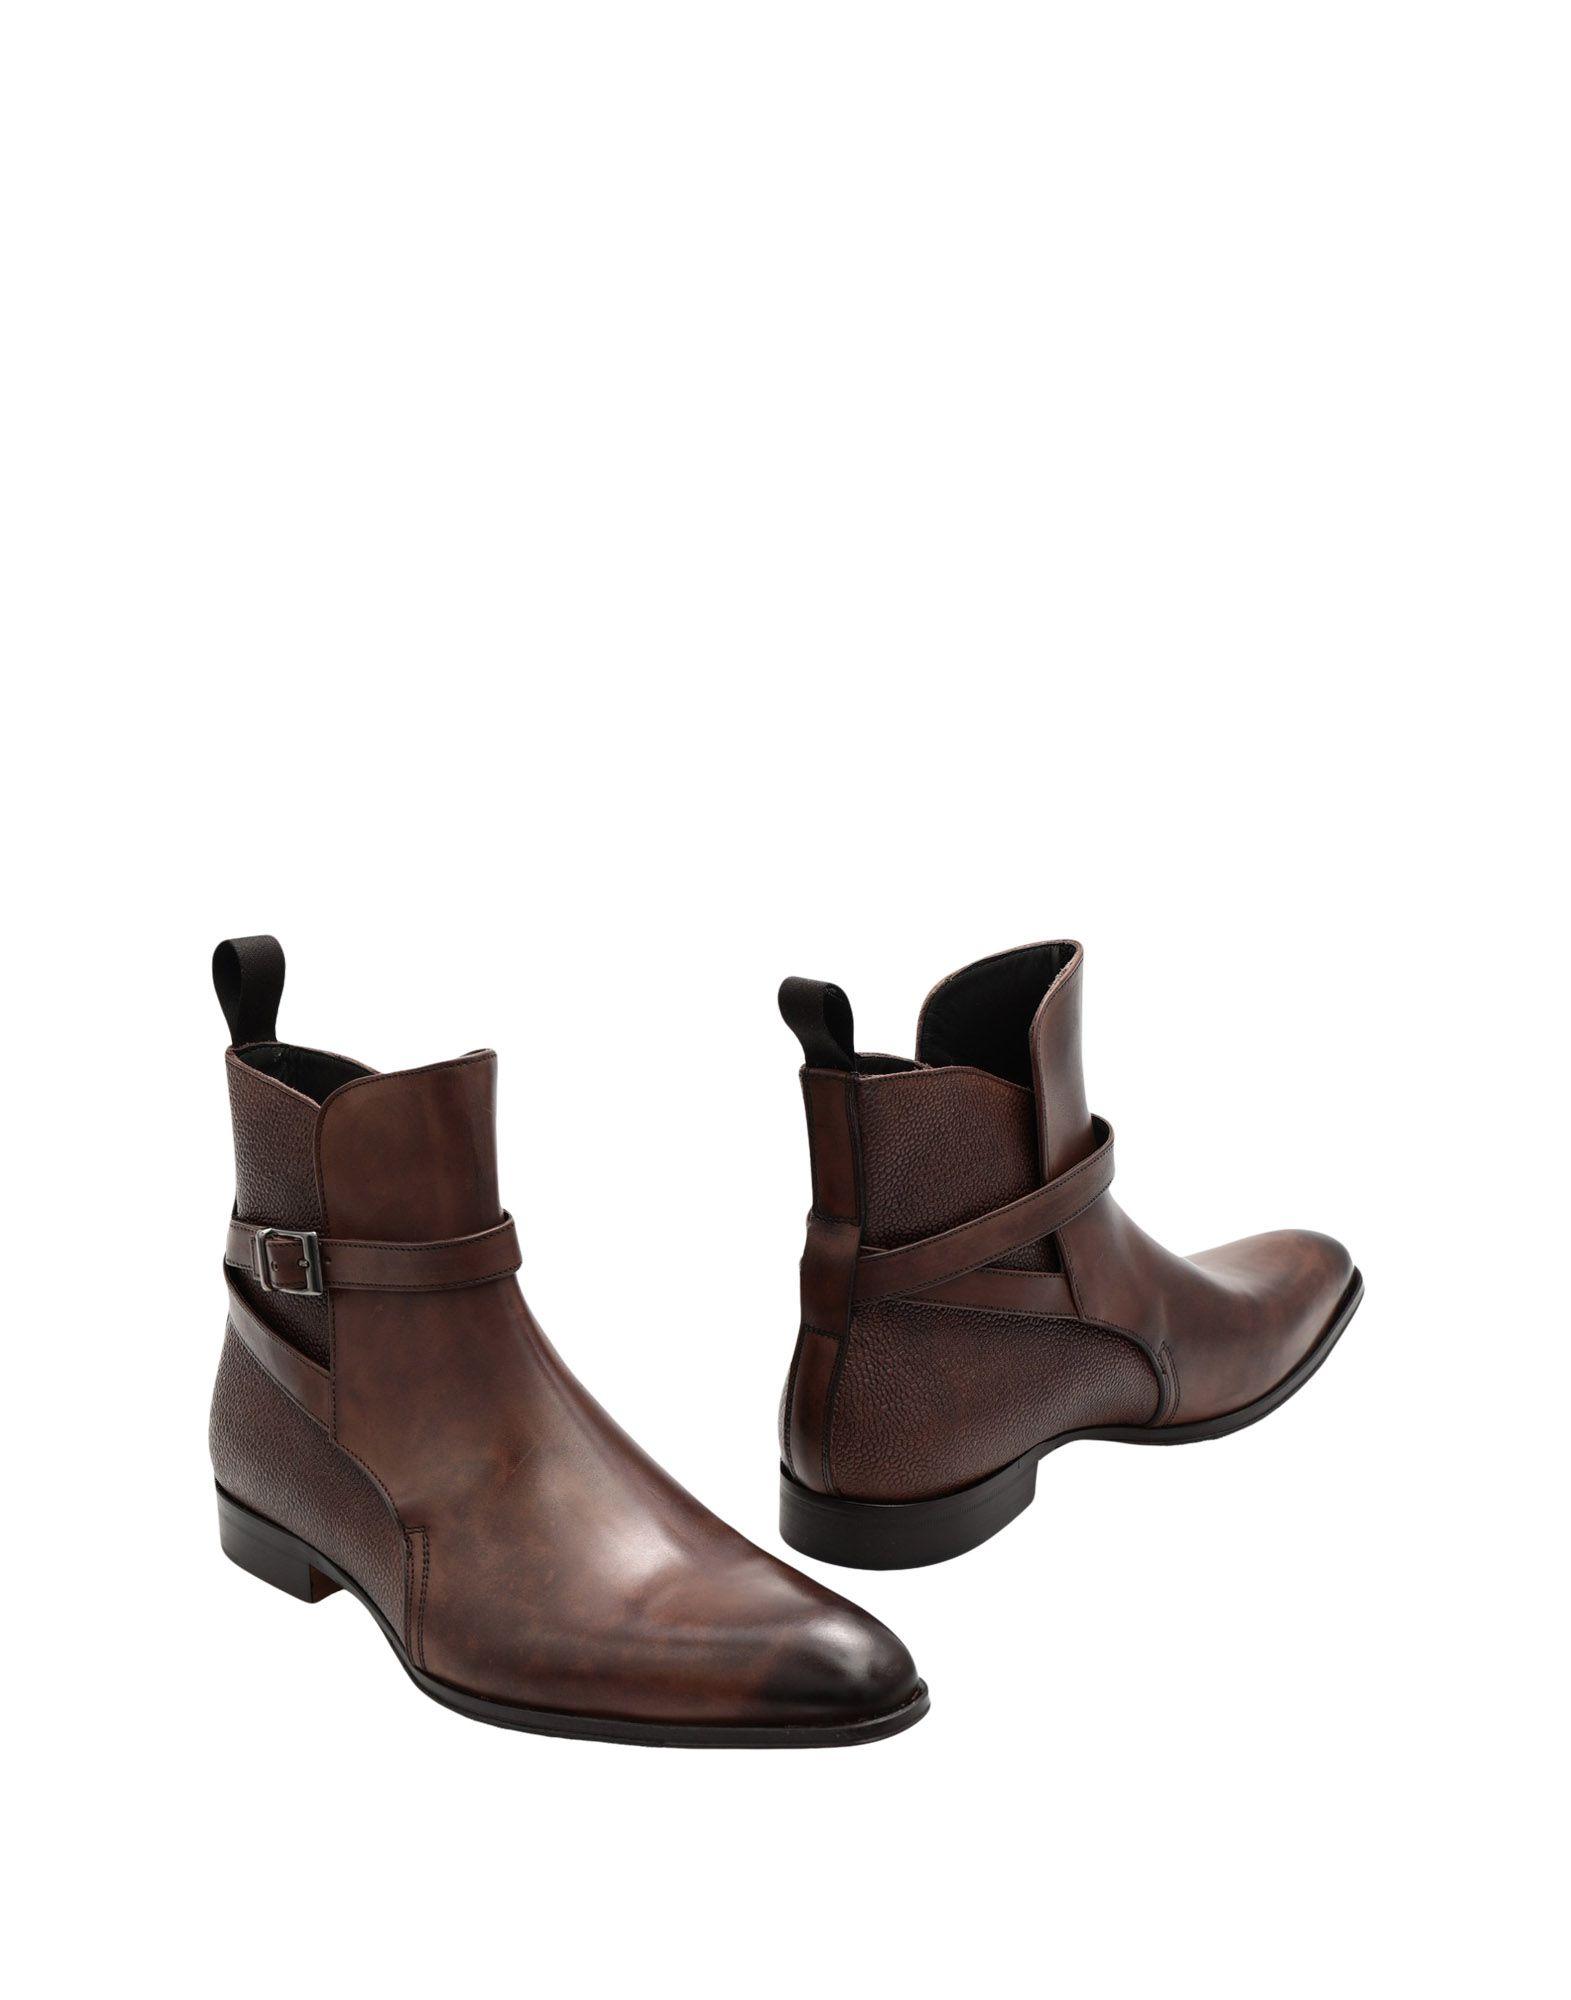 Leonardo Principi Stiefelette Herren  11524752BS Gute Qualität beliebte Schuhe